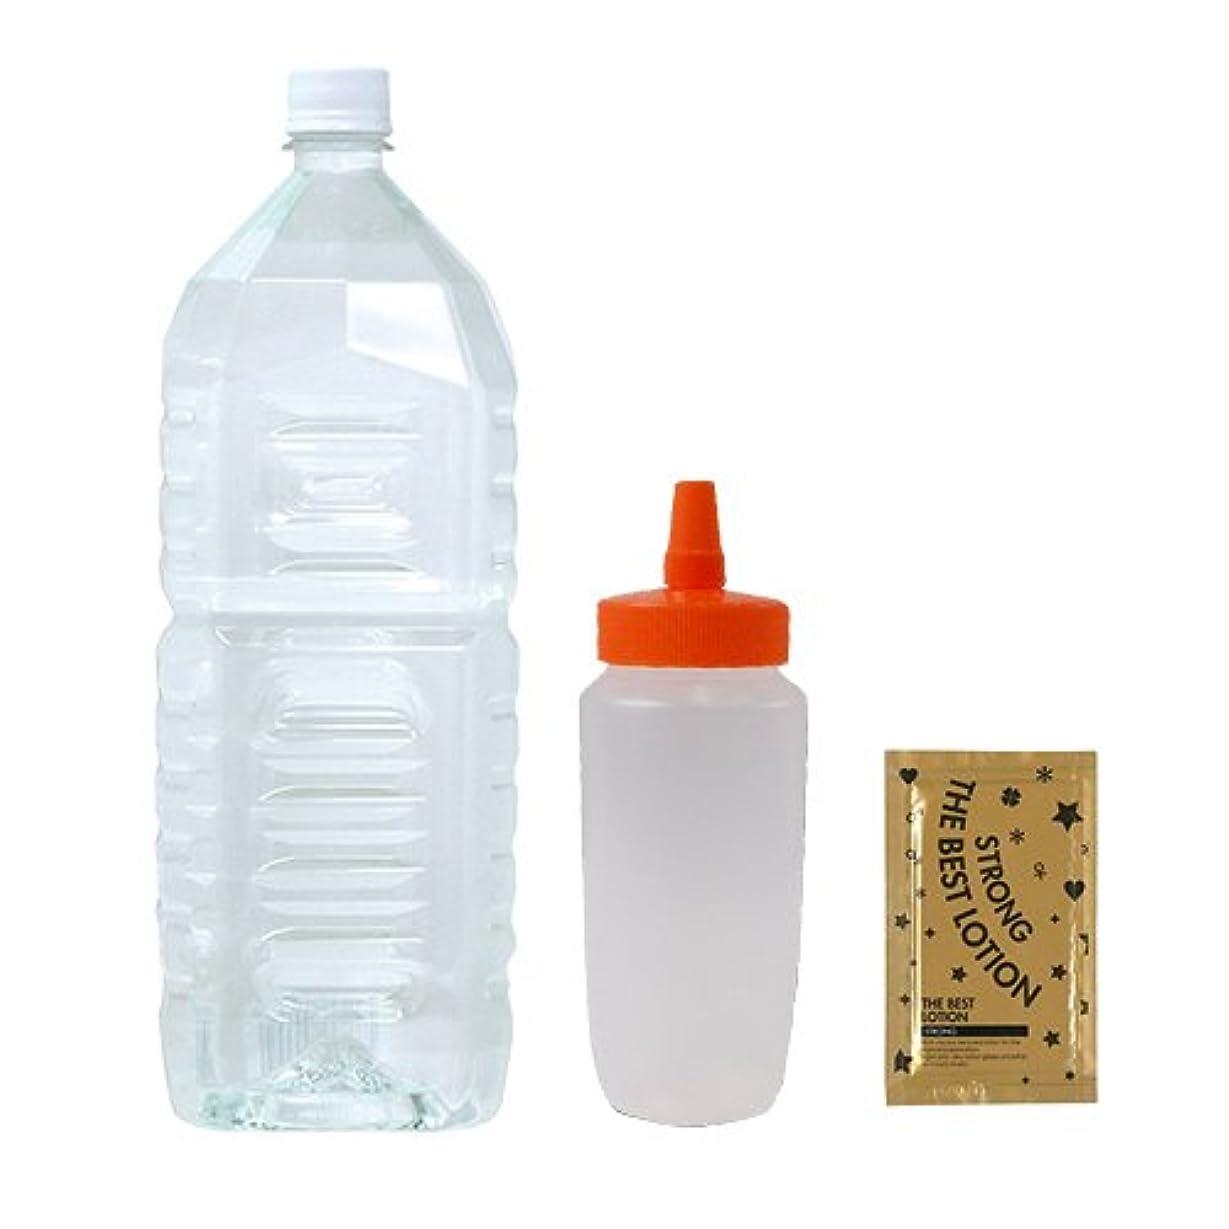 学部アリ擬人クリアローション 2Lペットボトル ソフトタイプ 業務用ローション + はちみつ容器360ml(オレンジキャップ)+ ベストローションストロング 1包付き セット